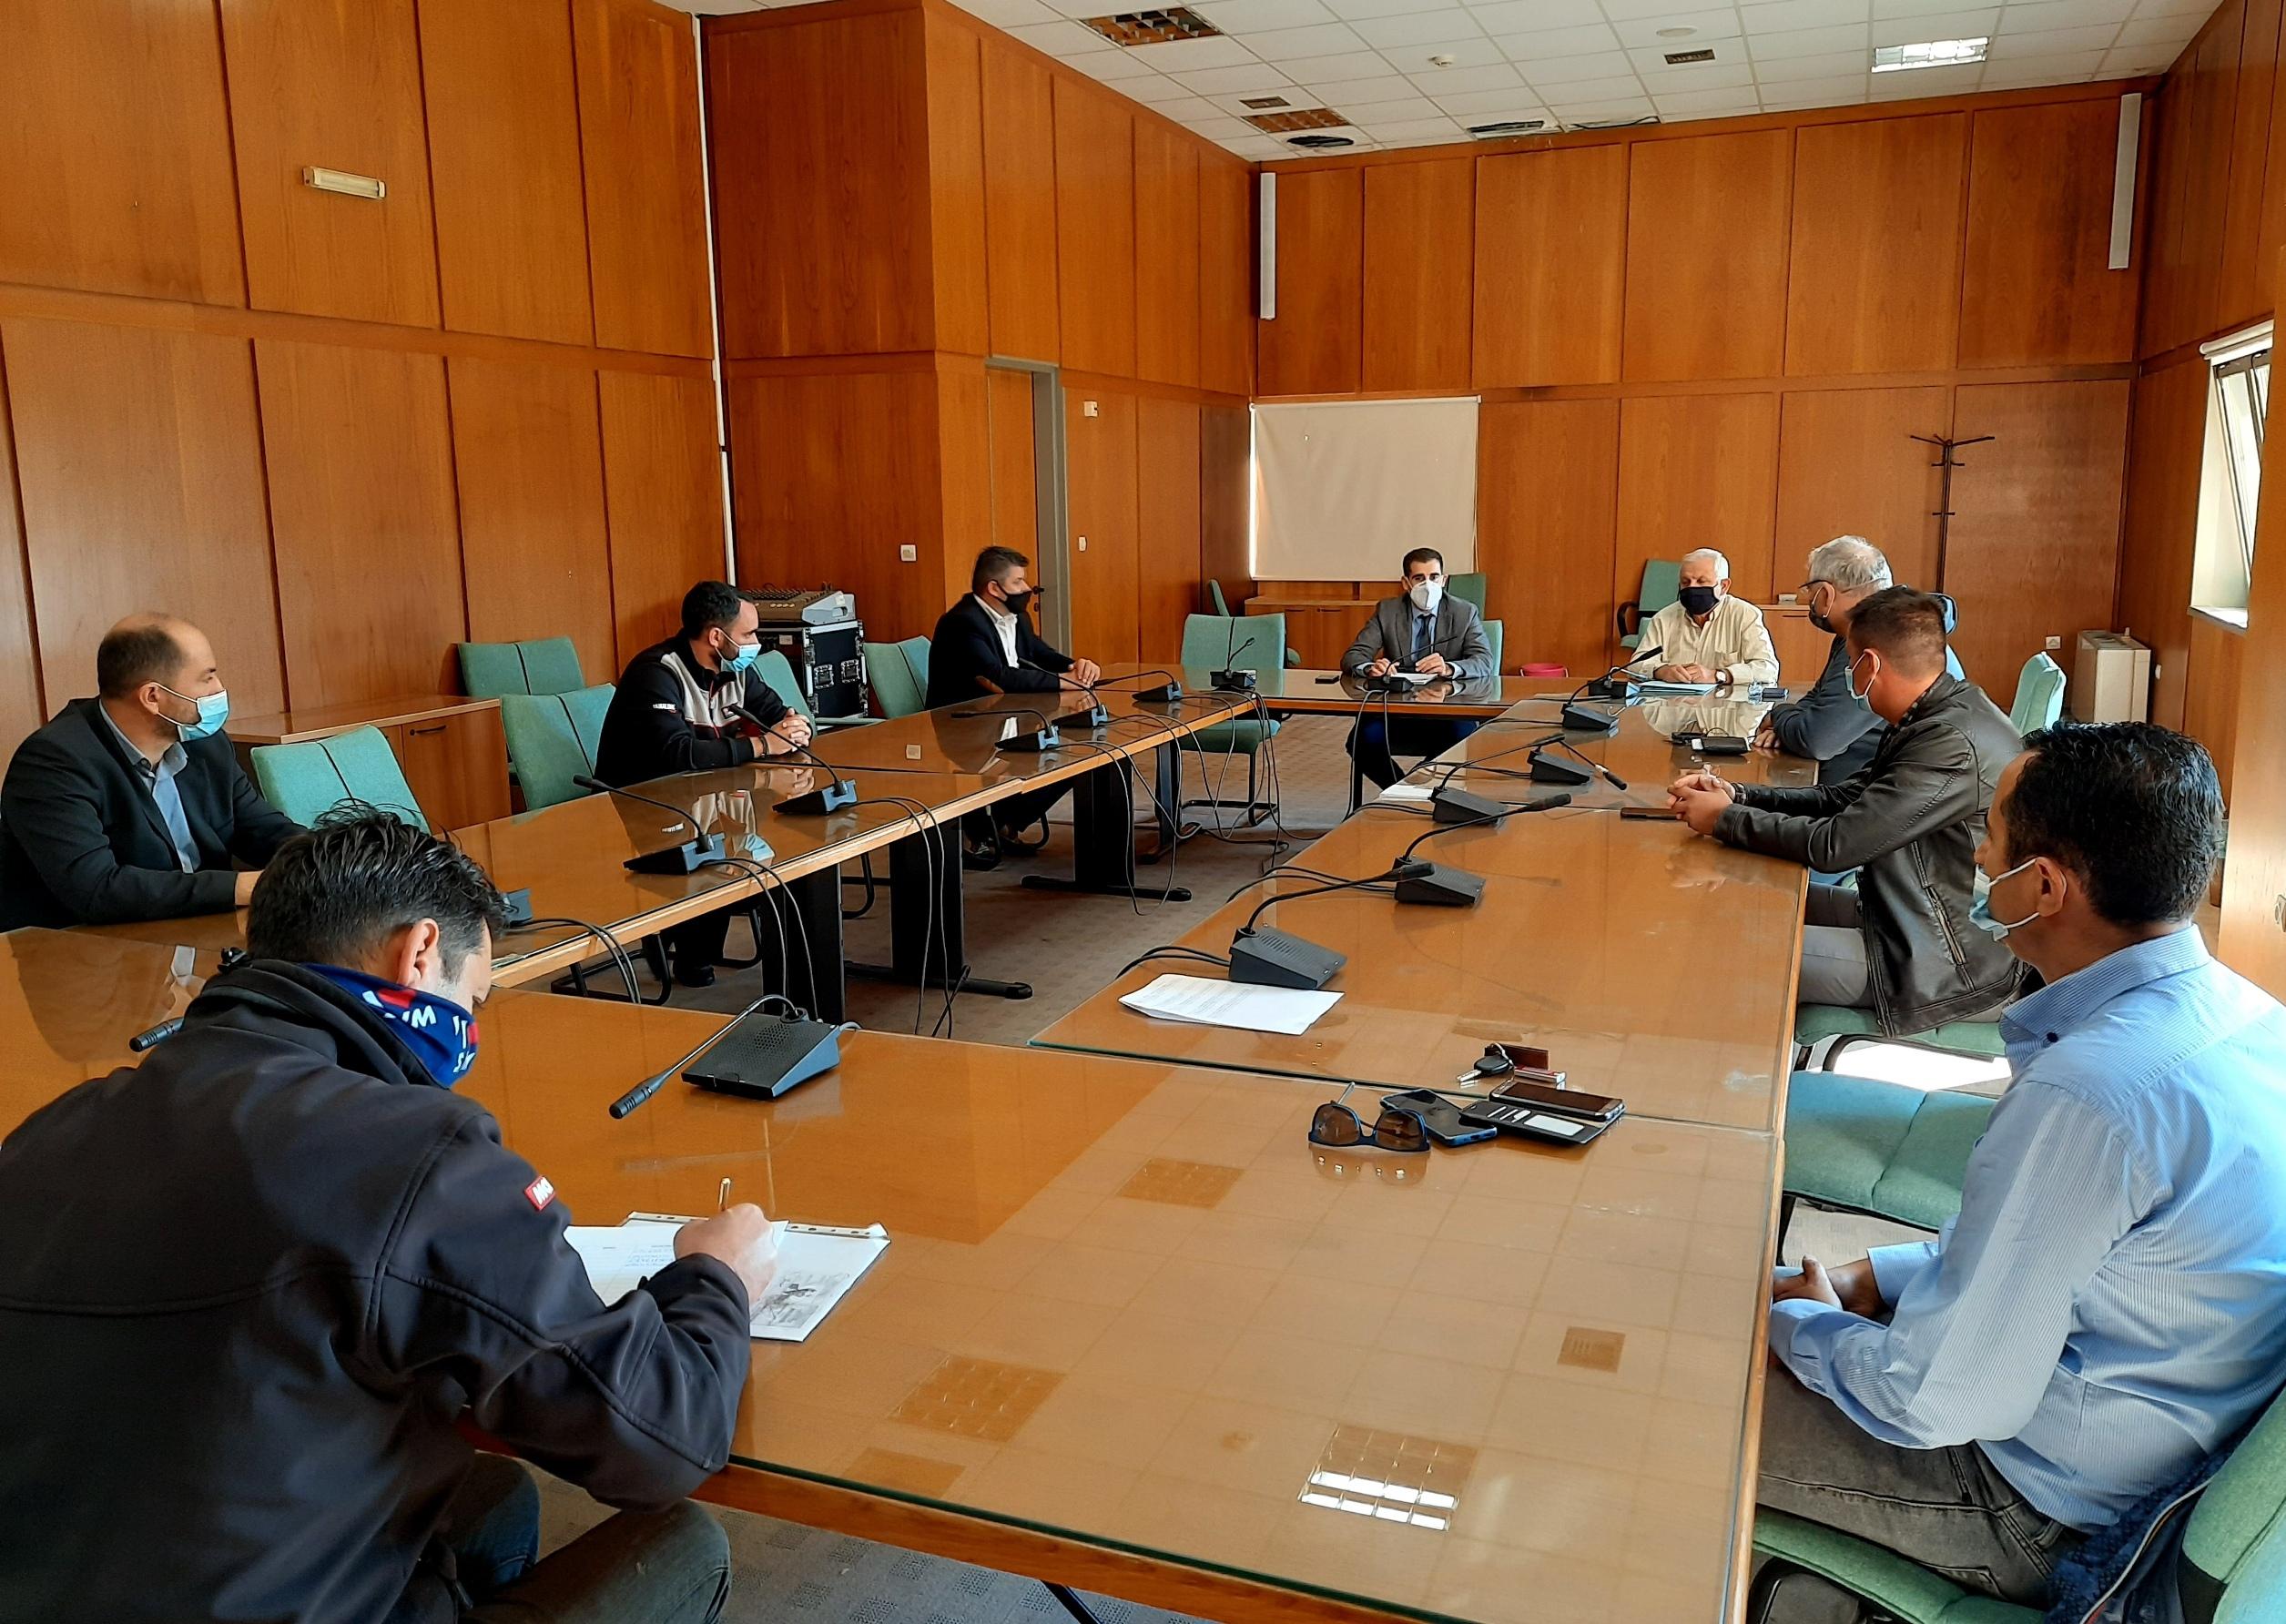 Πύργος: Συνάντηση Αντιπεριφερειάρχη Π.Ε Ηλείας Β. Γιαννόπουλου με επιχειρηματίες πώλησης οχημάτων